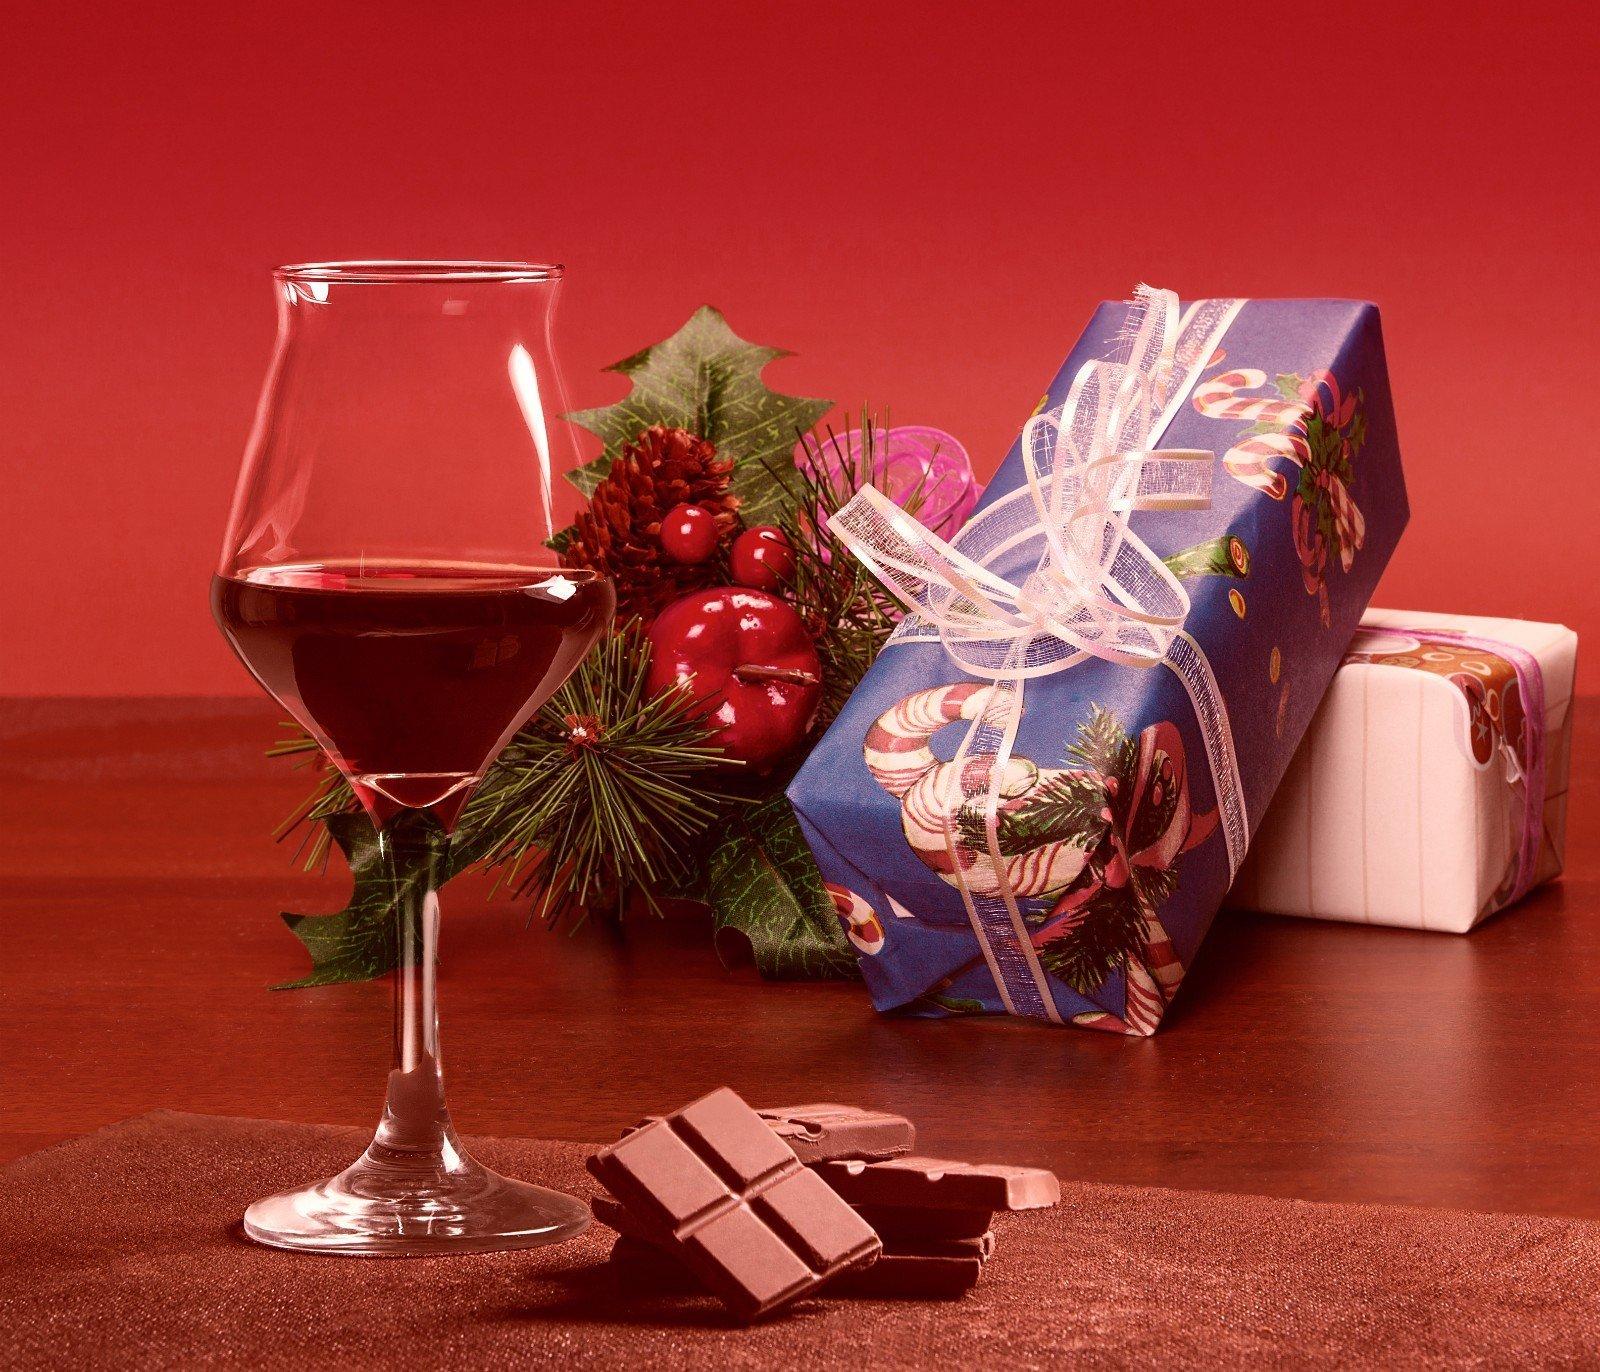 Cioccolato,vino e dettagli di natale